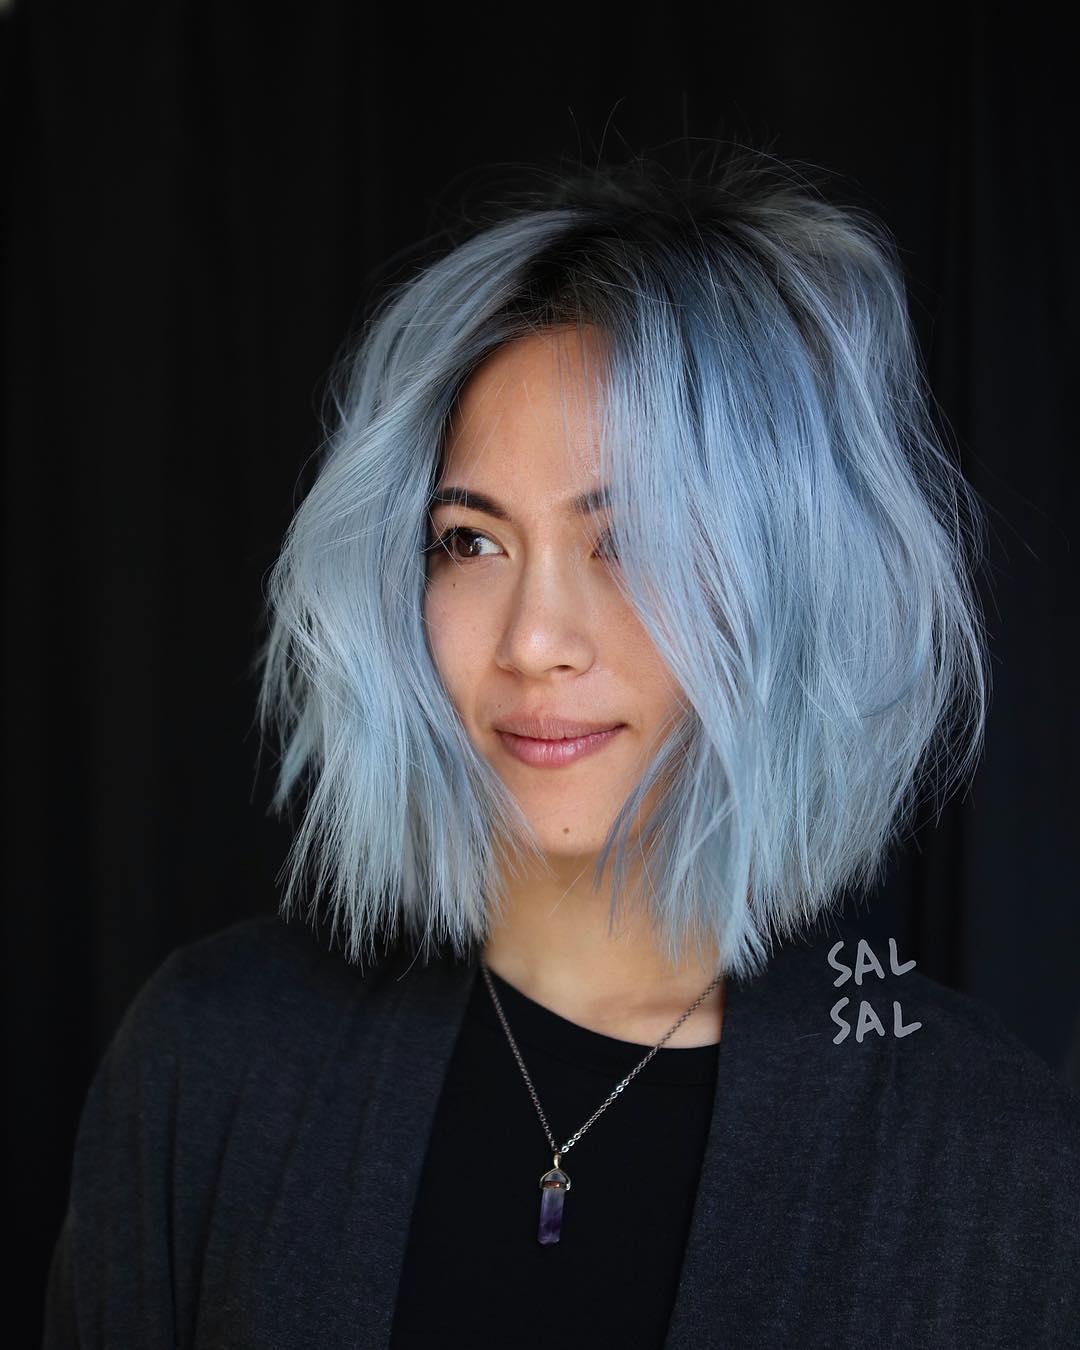 стрижки на короткие волосы 2019 фото 1